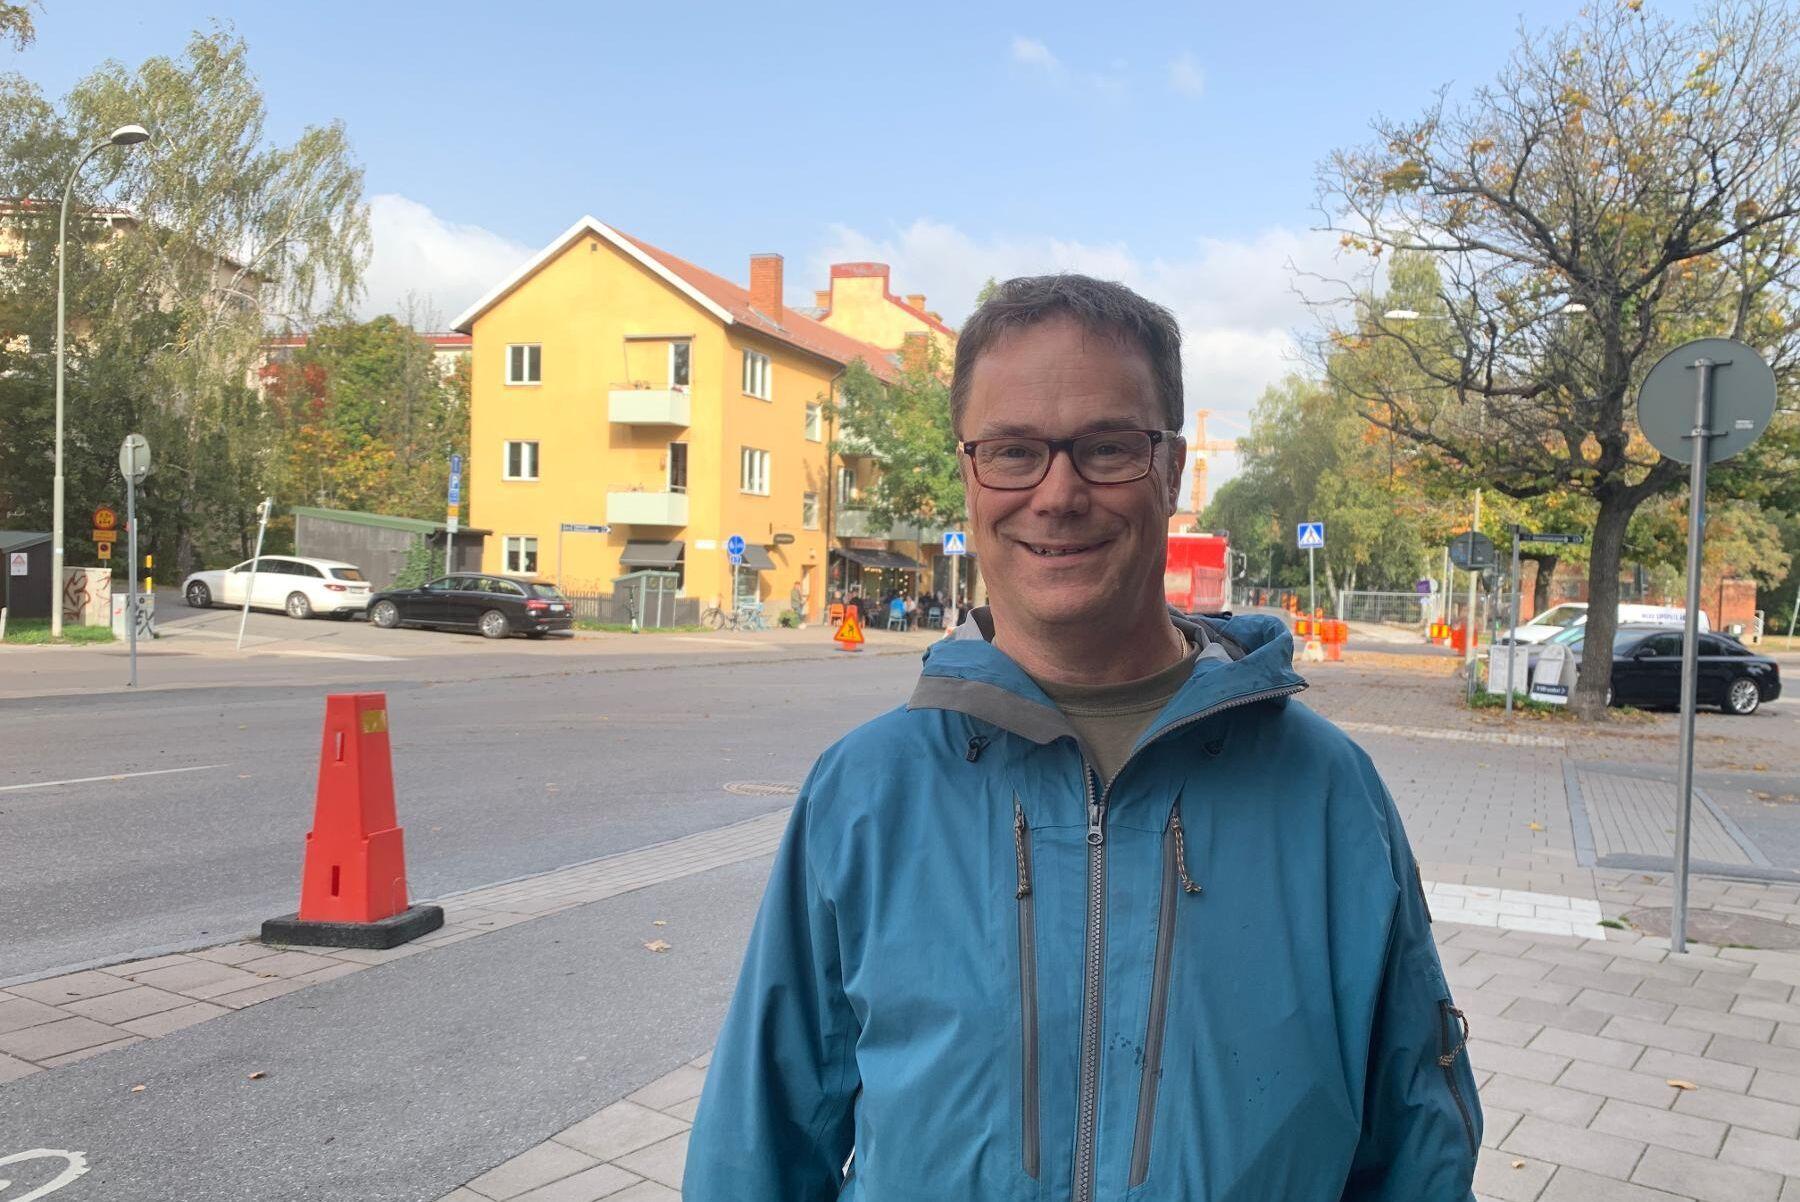 Ulf Nordbeck är upphovsmannen bakom ogräsroboten Ekobot, som i första hand är utvecklad för ogräsbekämpning i lök. Nu lämnar han det operativa ansvaret i företaget.